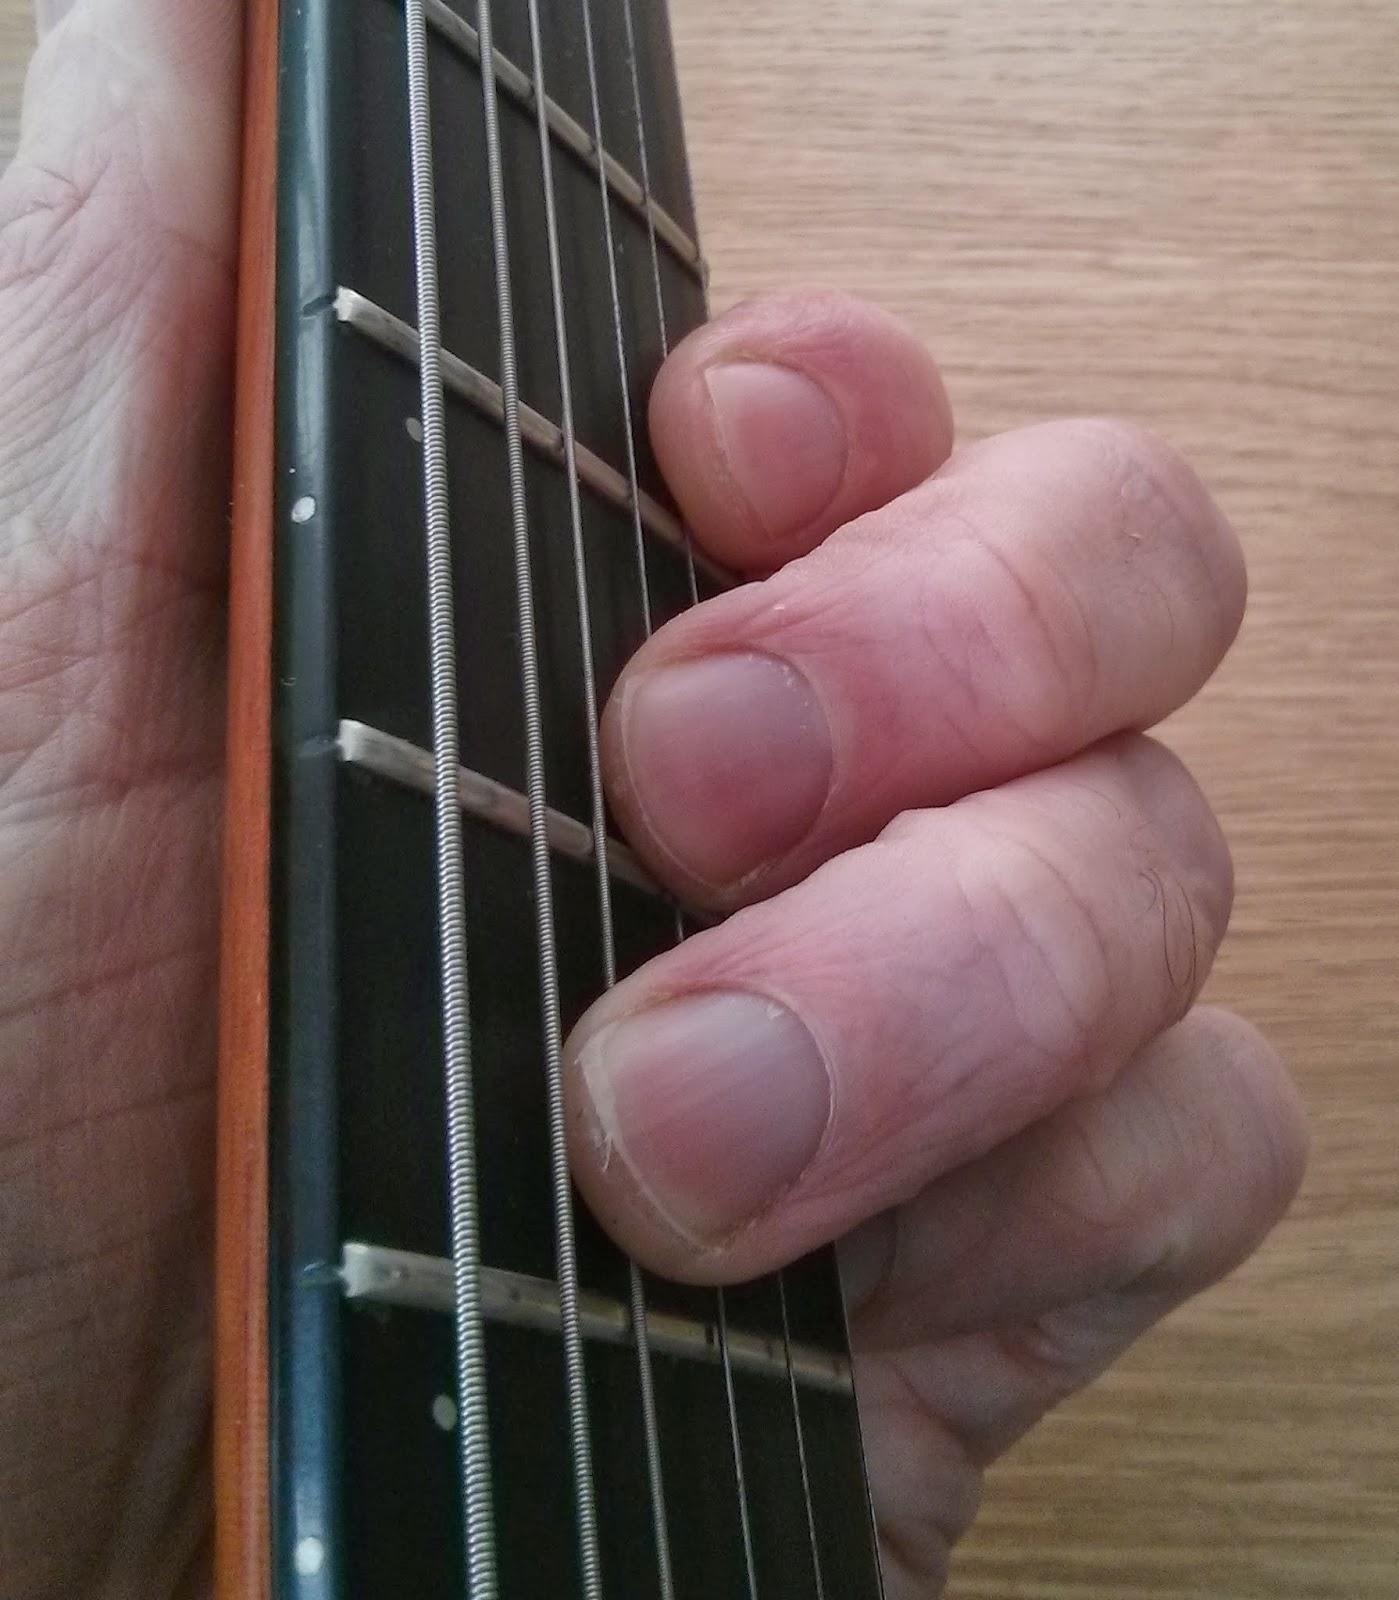 Abguitar chord